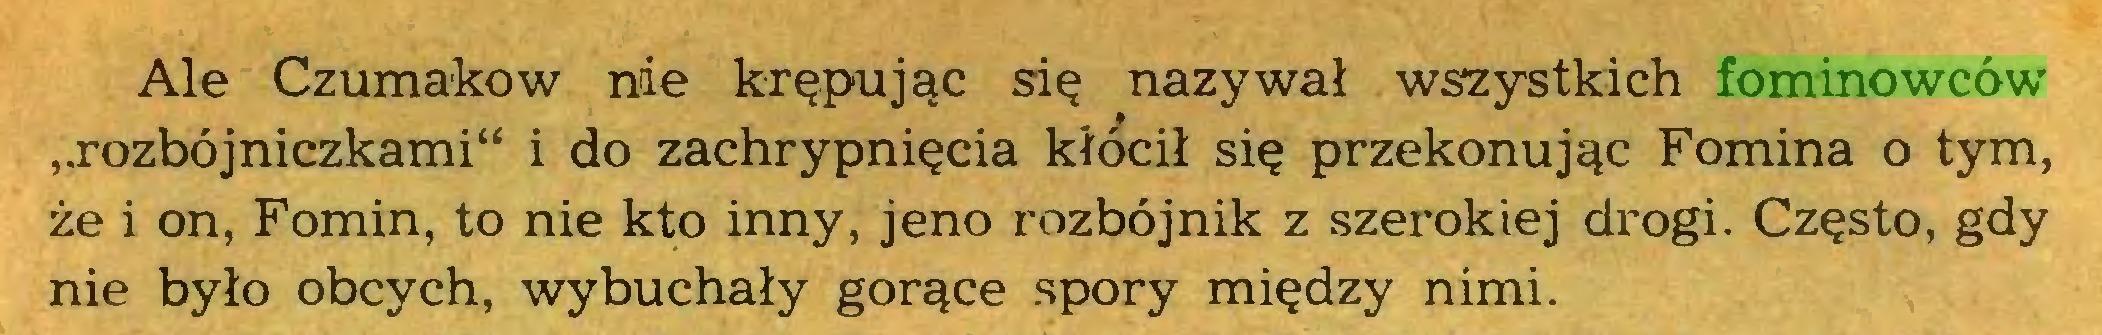 """(...) Ale Czumakow nie krępując się nazywał wszystkich fominowców ,,rozbójniczkami"""" i do zachrypnięcia kłócił się przekonując Fomina o tym, że i on, Fomin, to nie kto inny, jeno rozbójnik z szerokiej drogi. Często, gdy nie było obcych, wybuchały gorące spory między nimi..."""